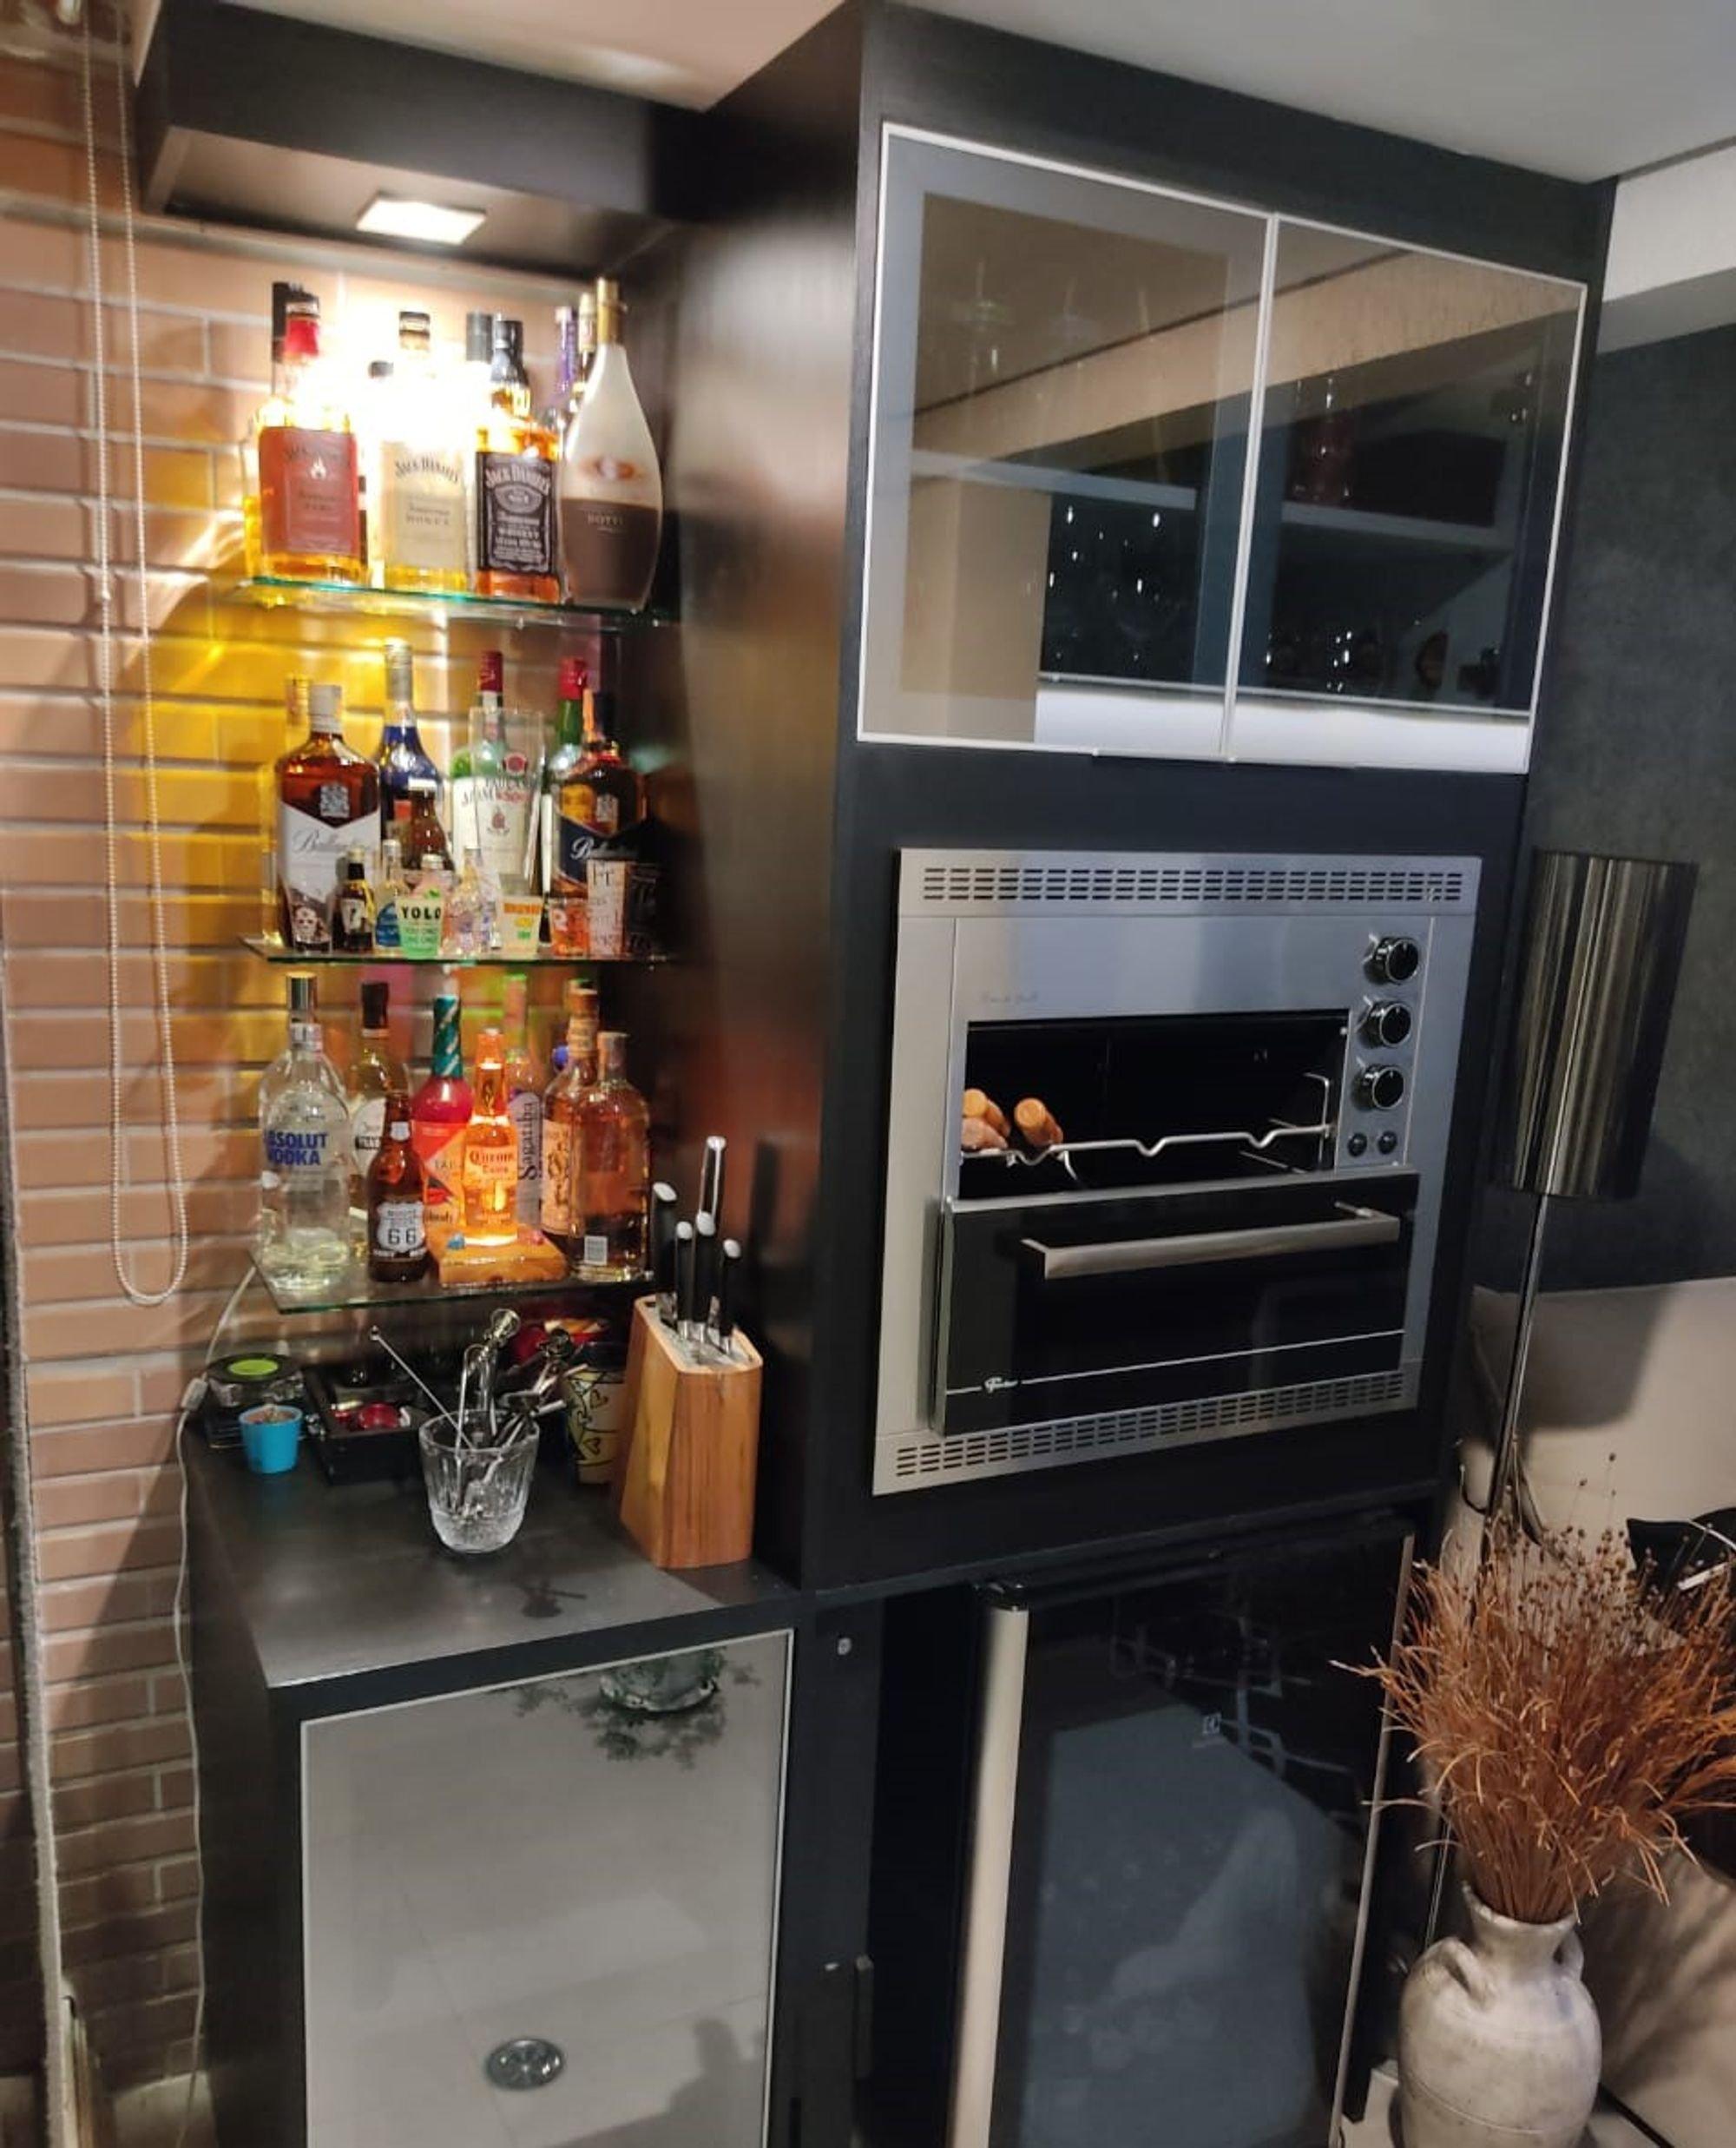 Foto de Cozinha com vaso, garrafa, forno, xícara